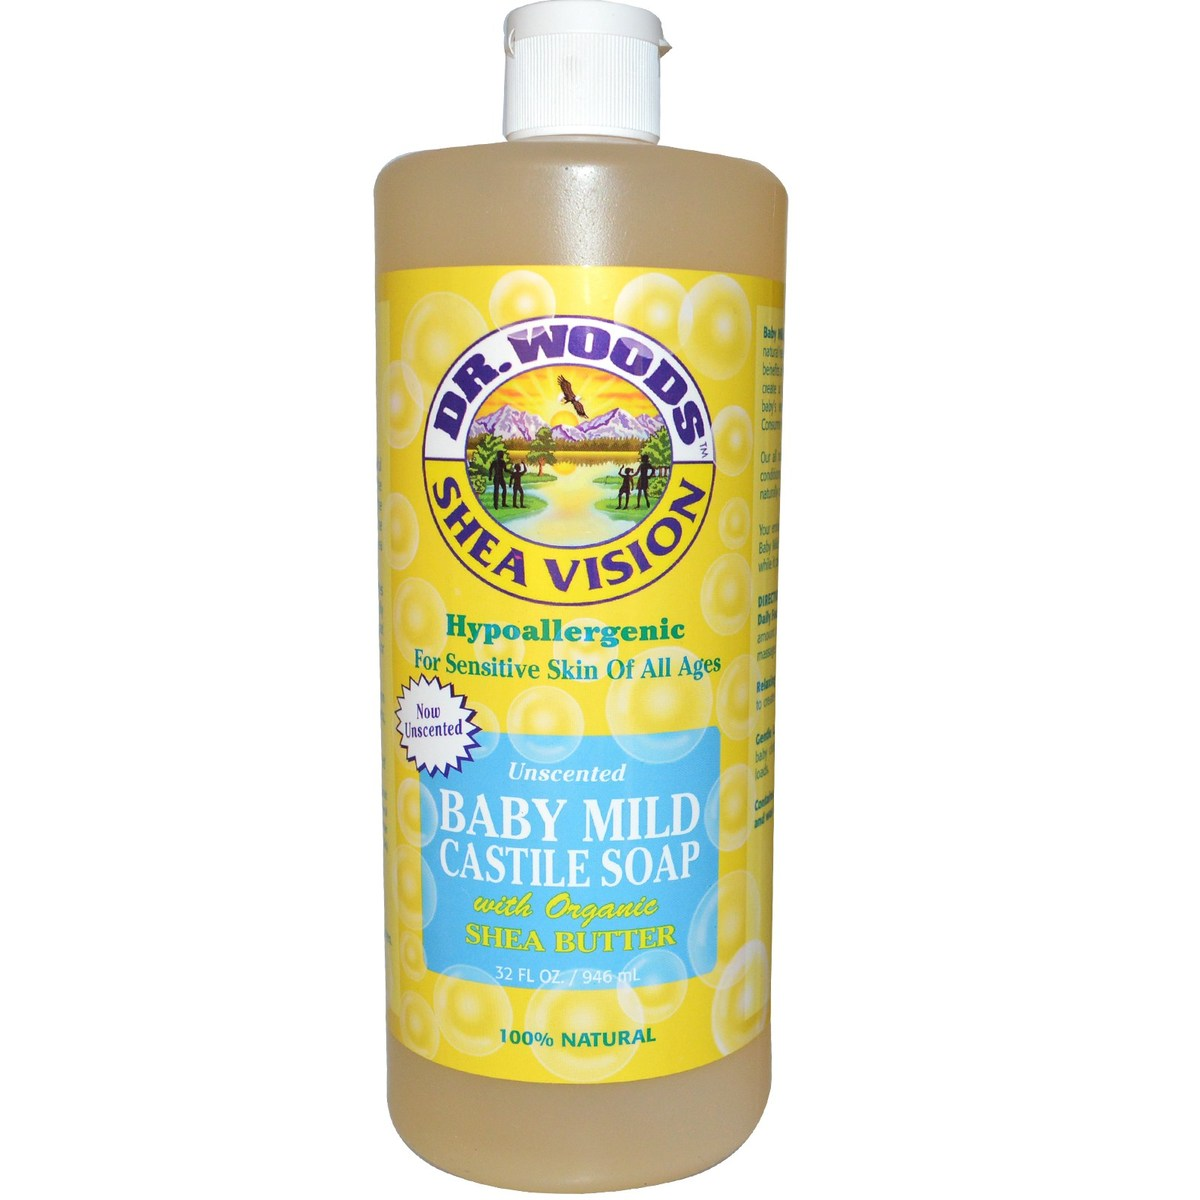 全天然嬰兒溫和皂液(含有機乳木果油)